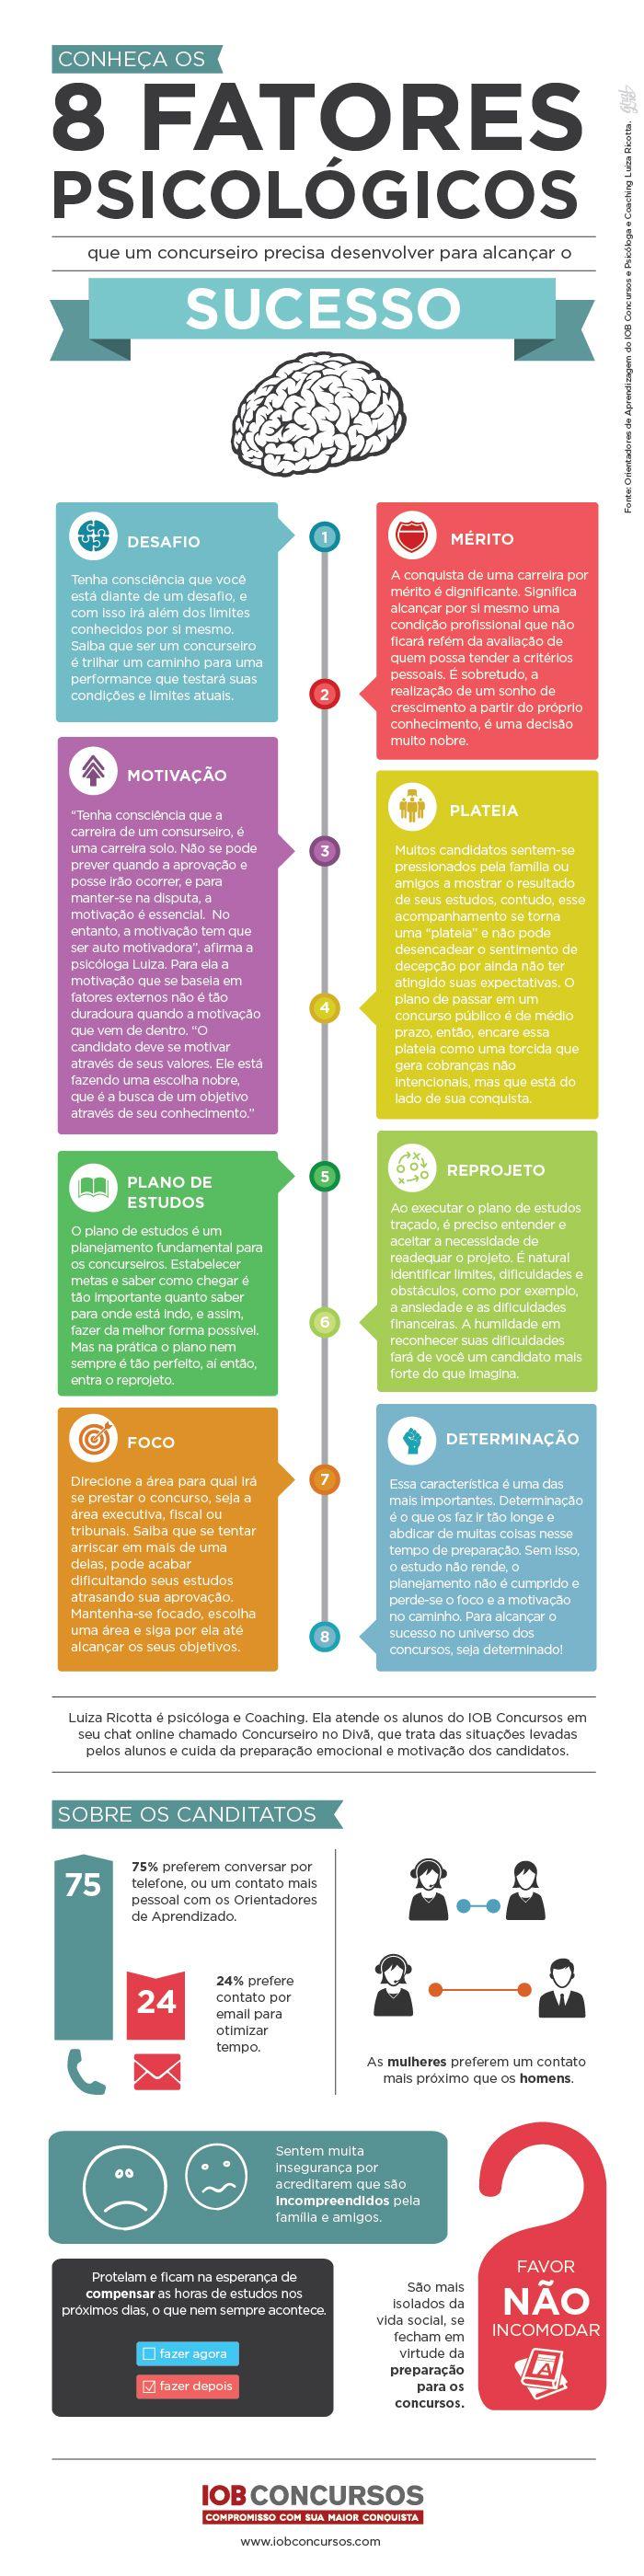 8 fatores psicológicos que um concurseiro precisa desenvolver para alcançar o sucesso